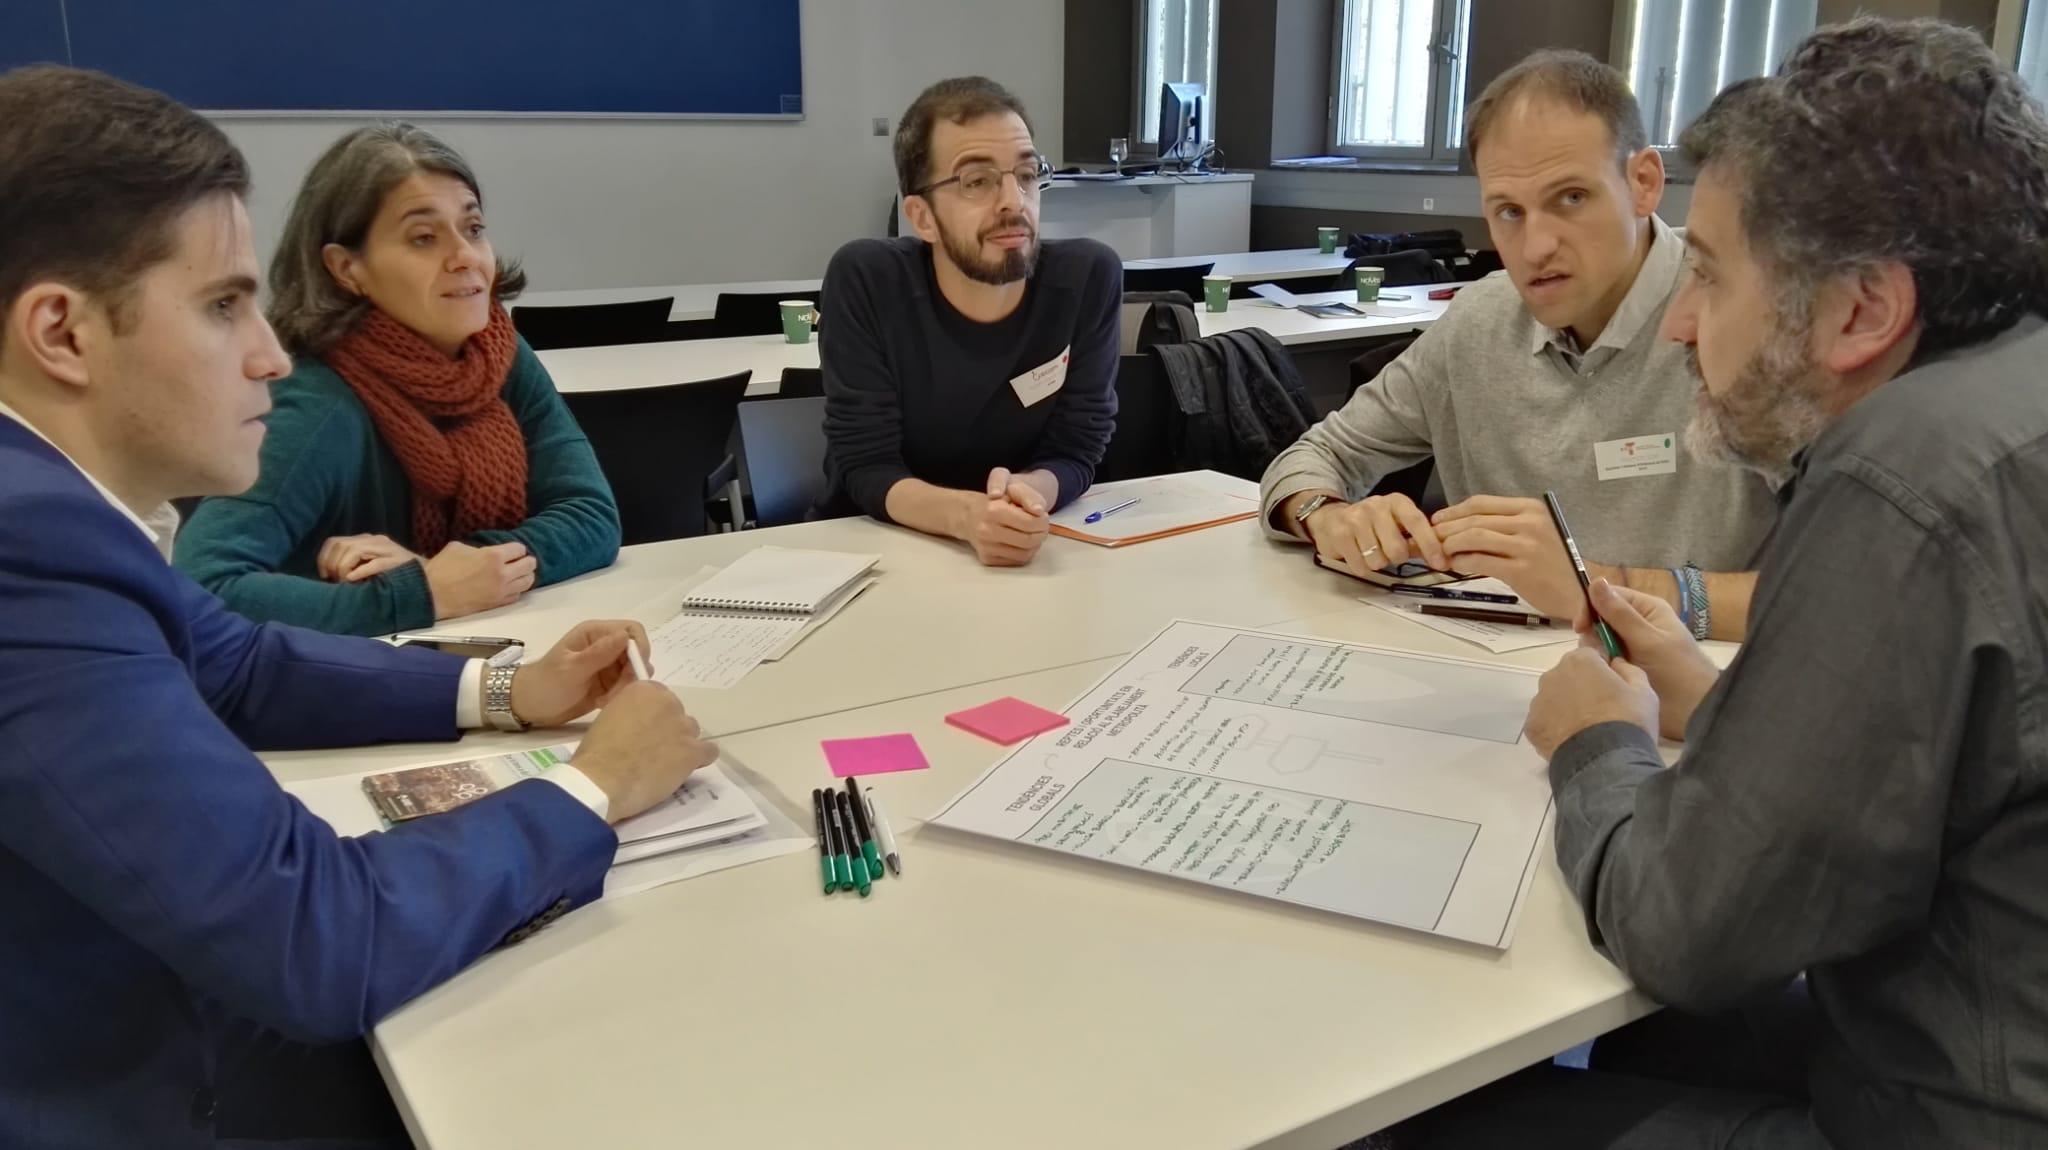 Los grupos trabajan para definir las tendencias globales y locales y los retos para el planeamiento en relación a la cohesión social y la vivienda